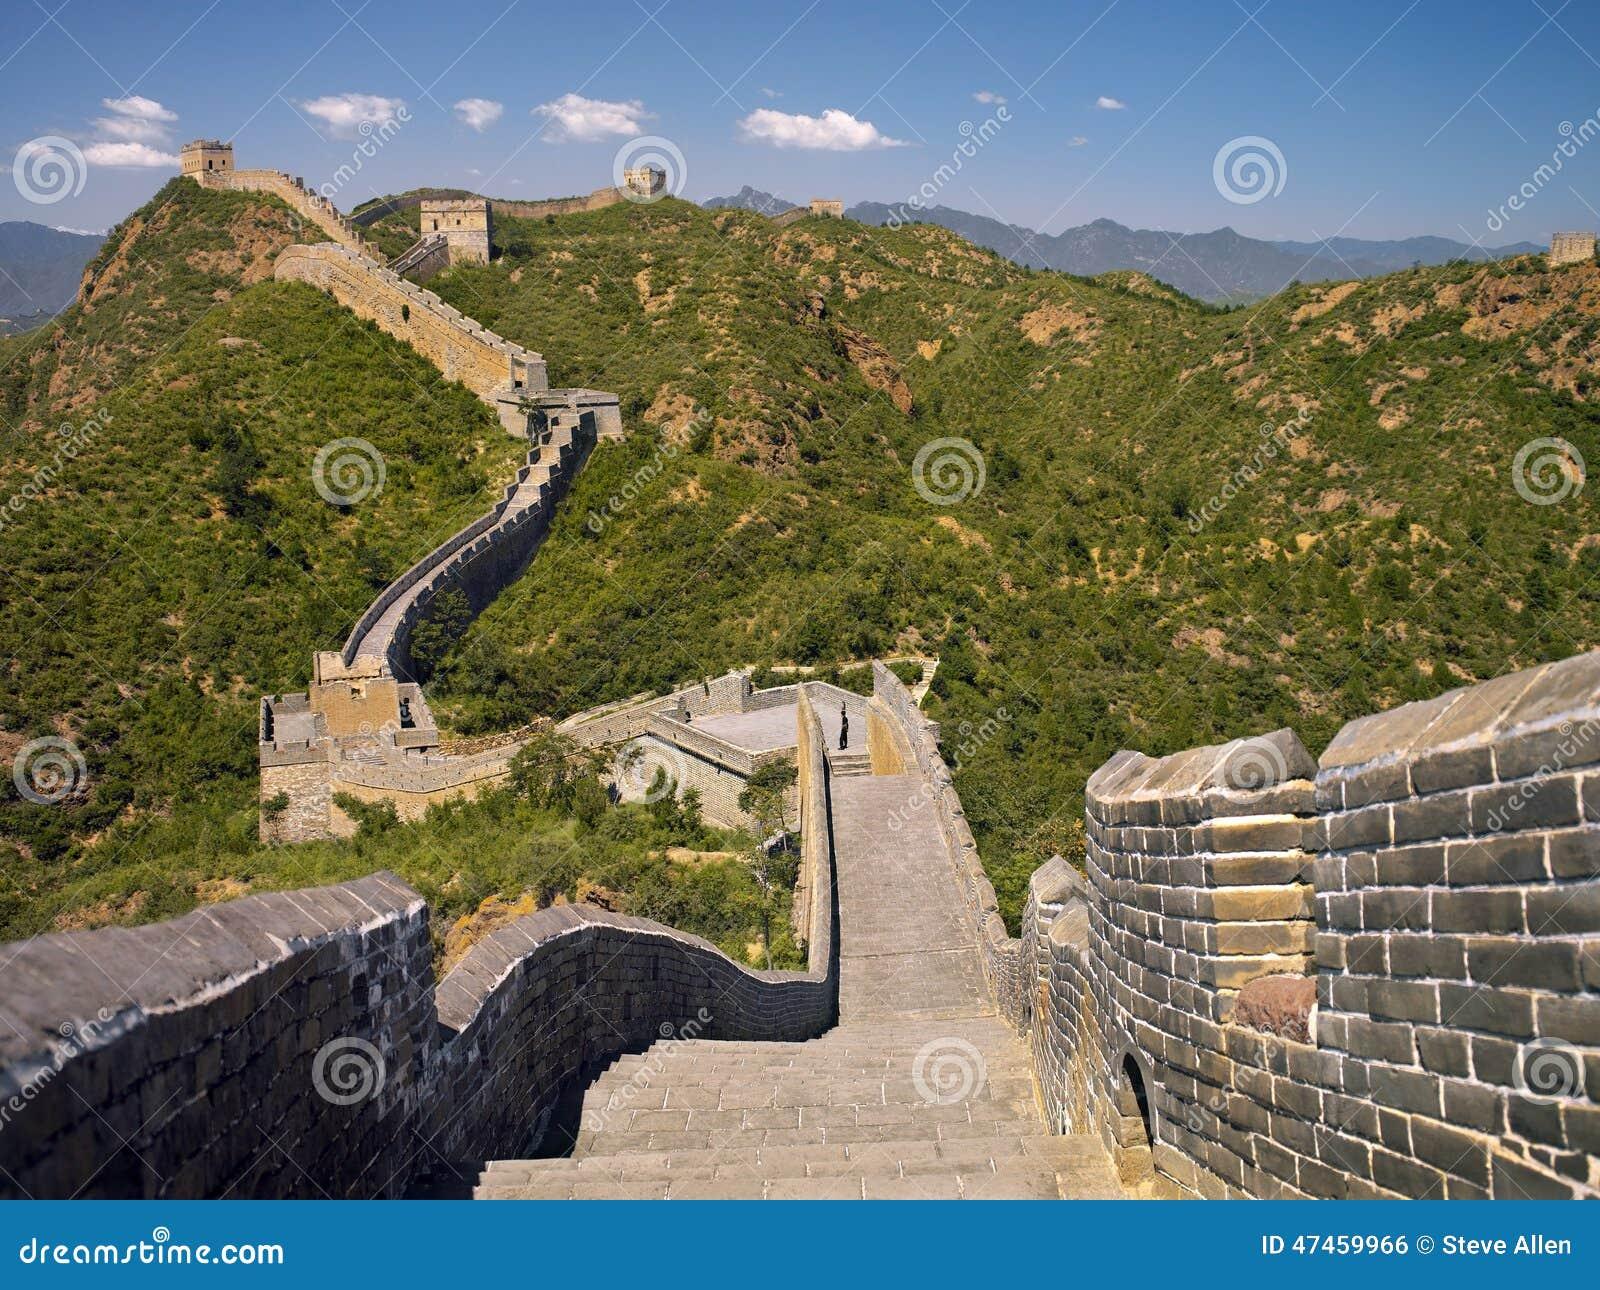 O grande muralha de china foto de stock imagem 47459966 for A grande muralha da china